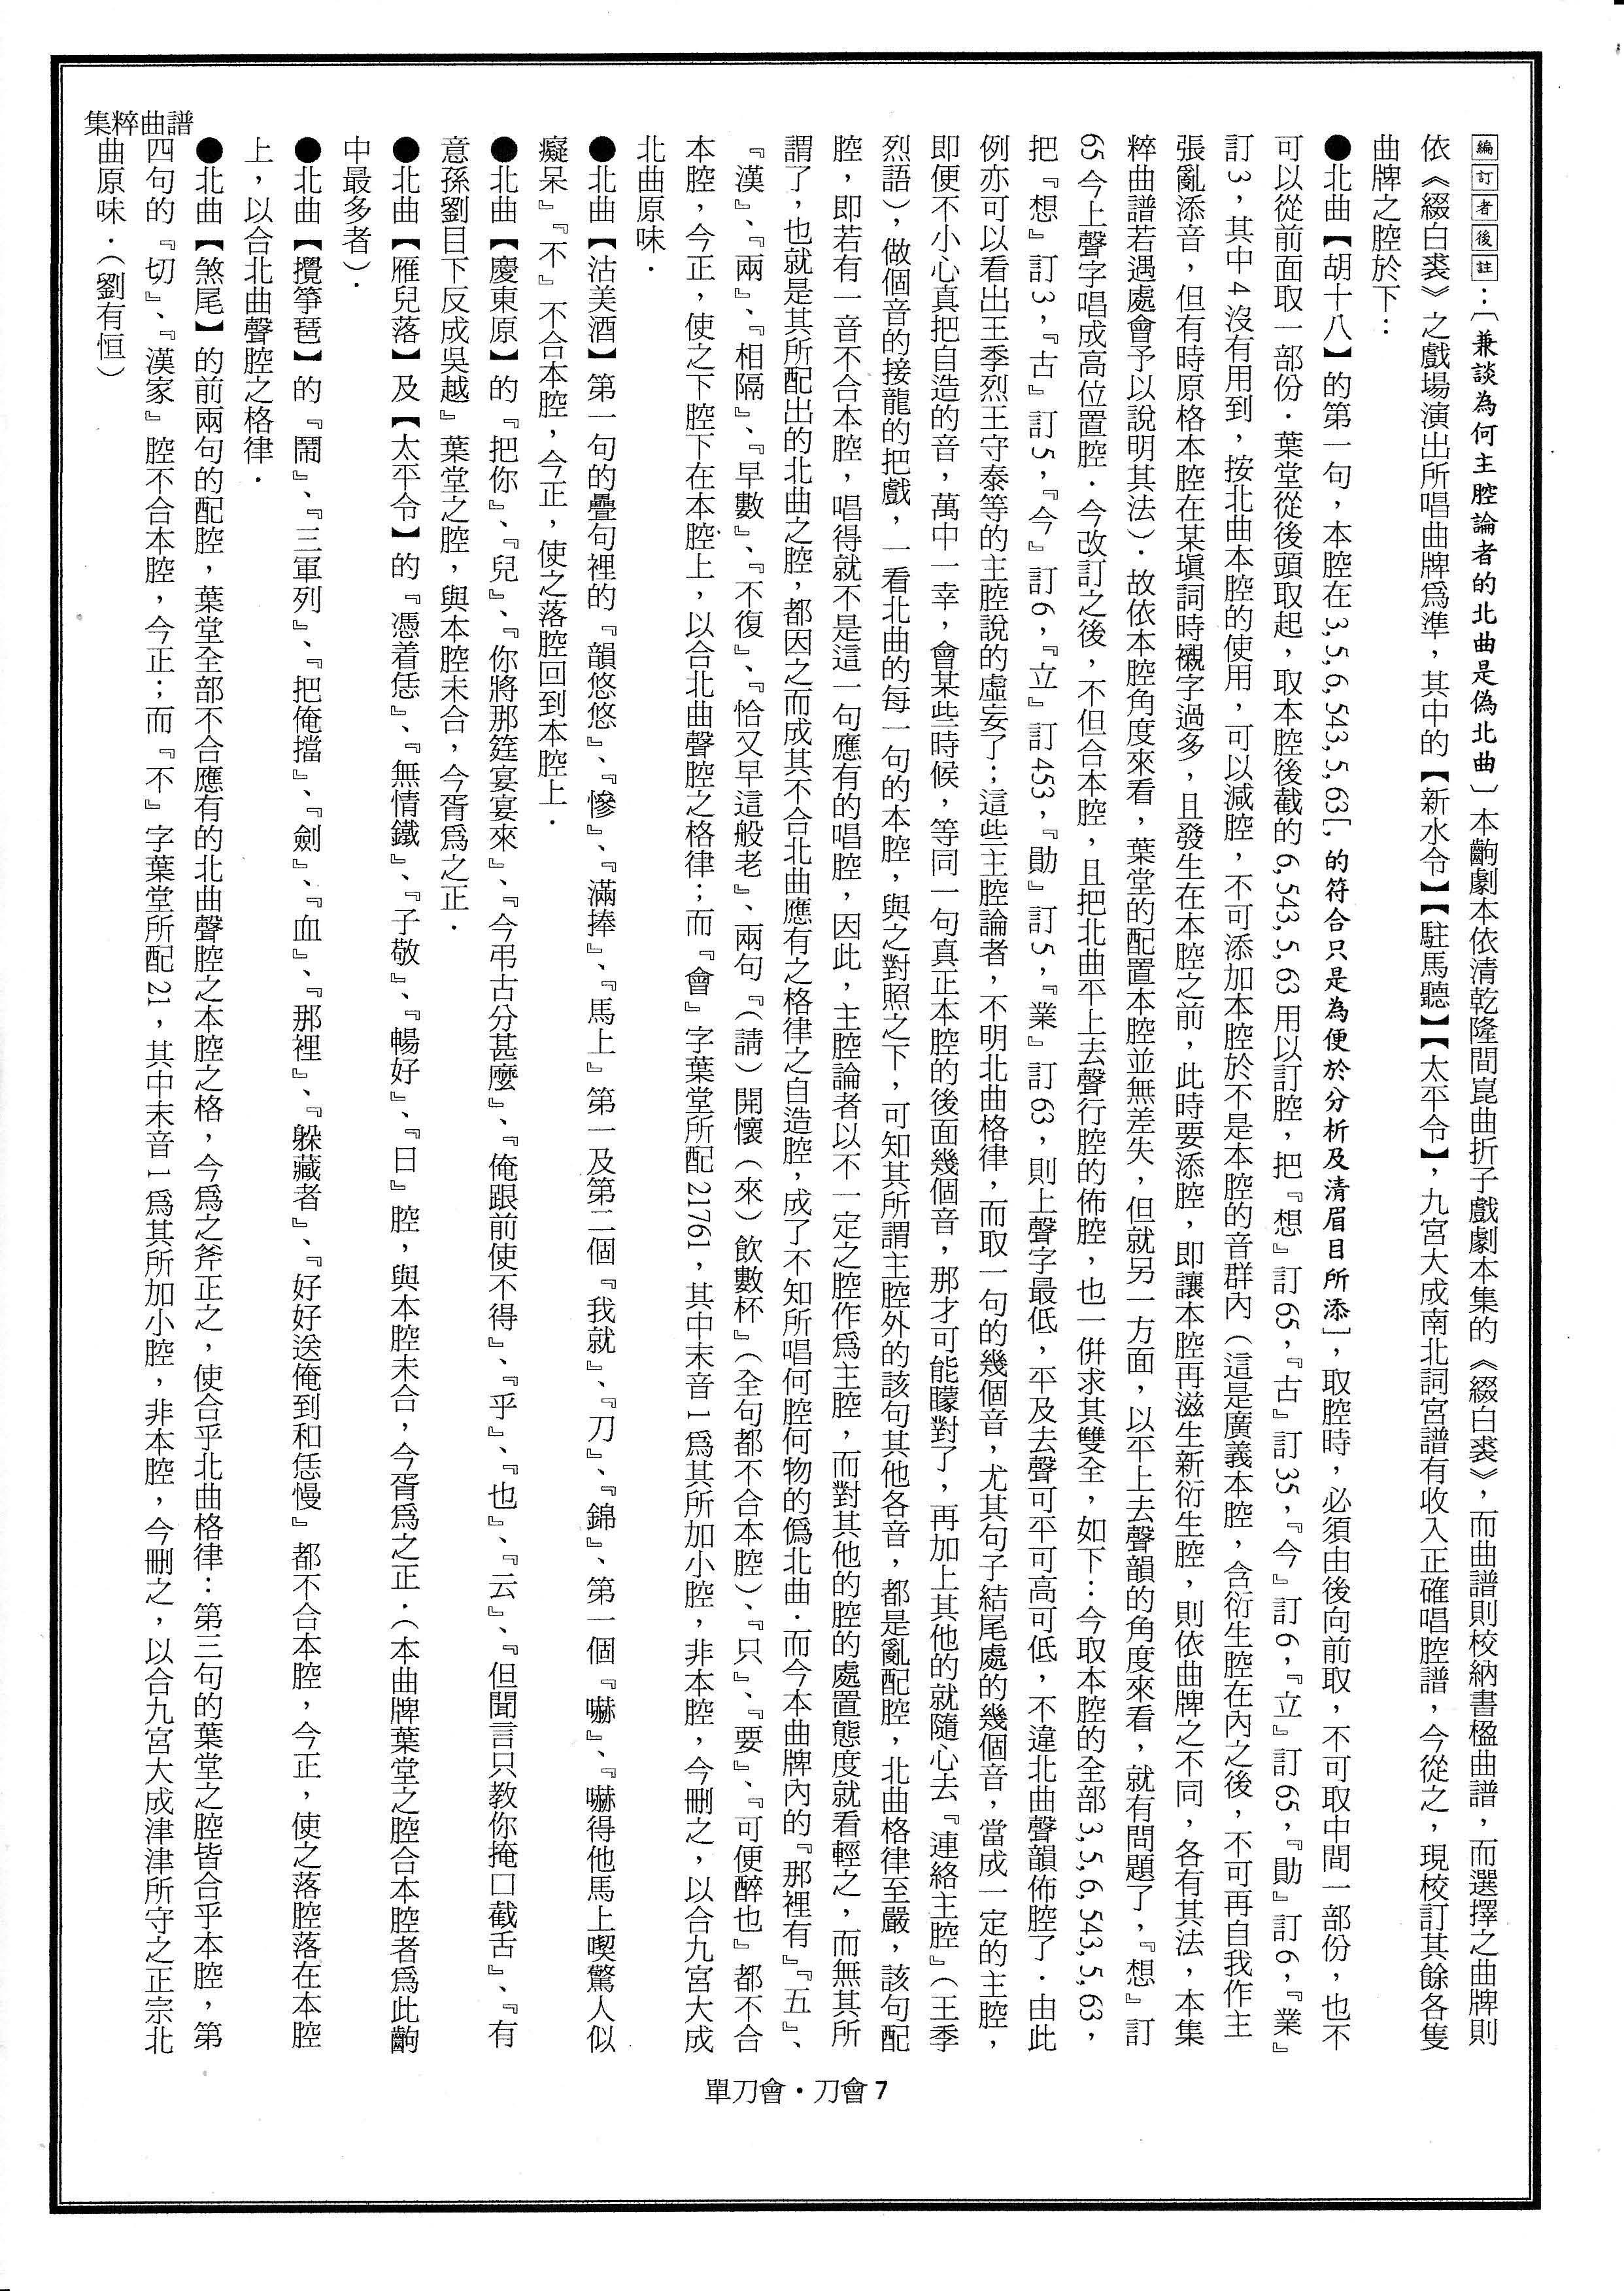 集粹曲譜: 刀會(元雜劇單刀會)   集粹曲譜